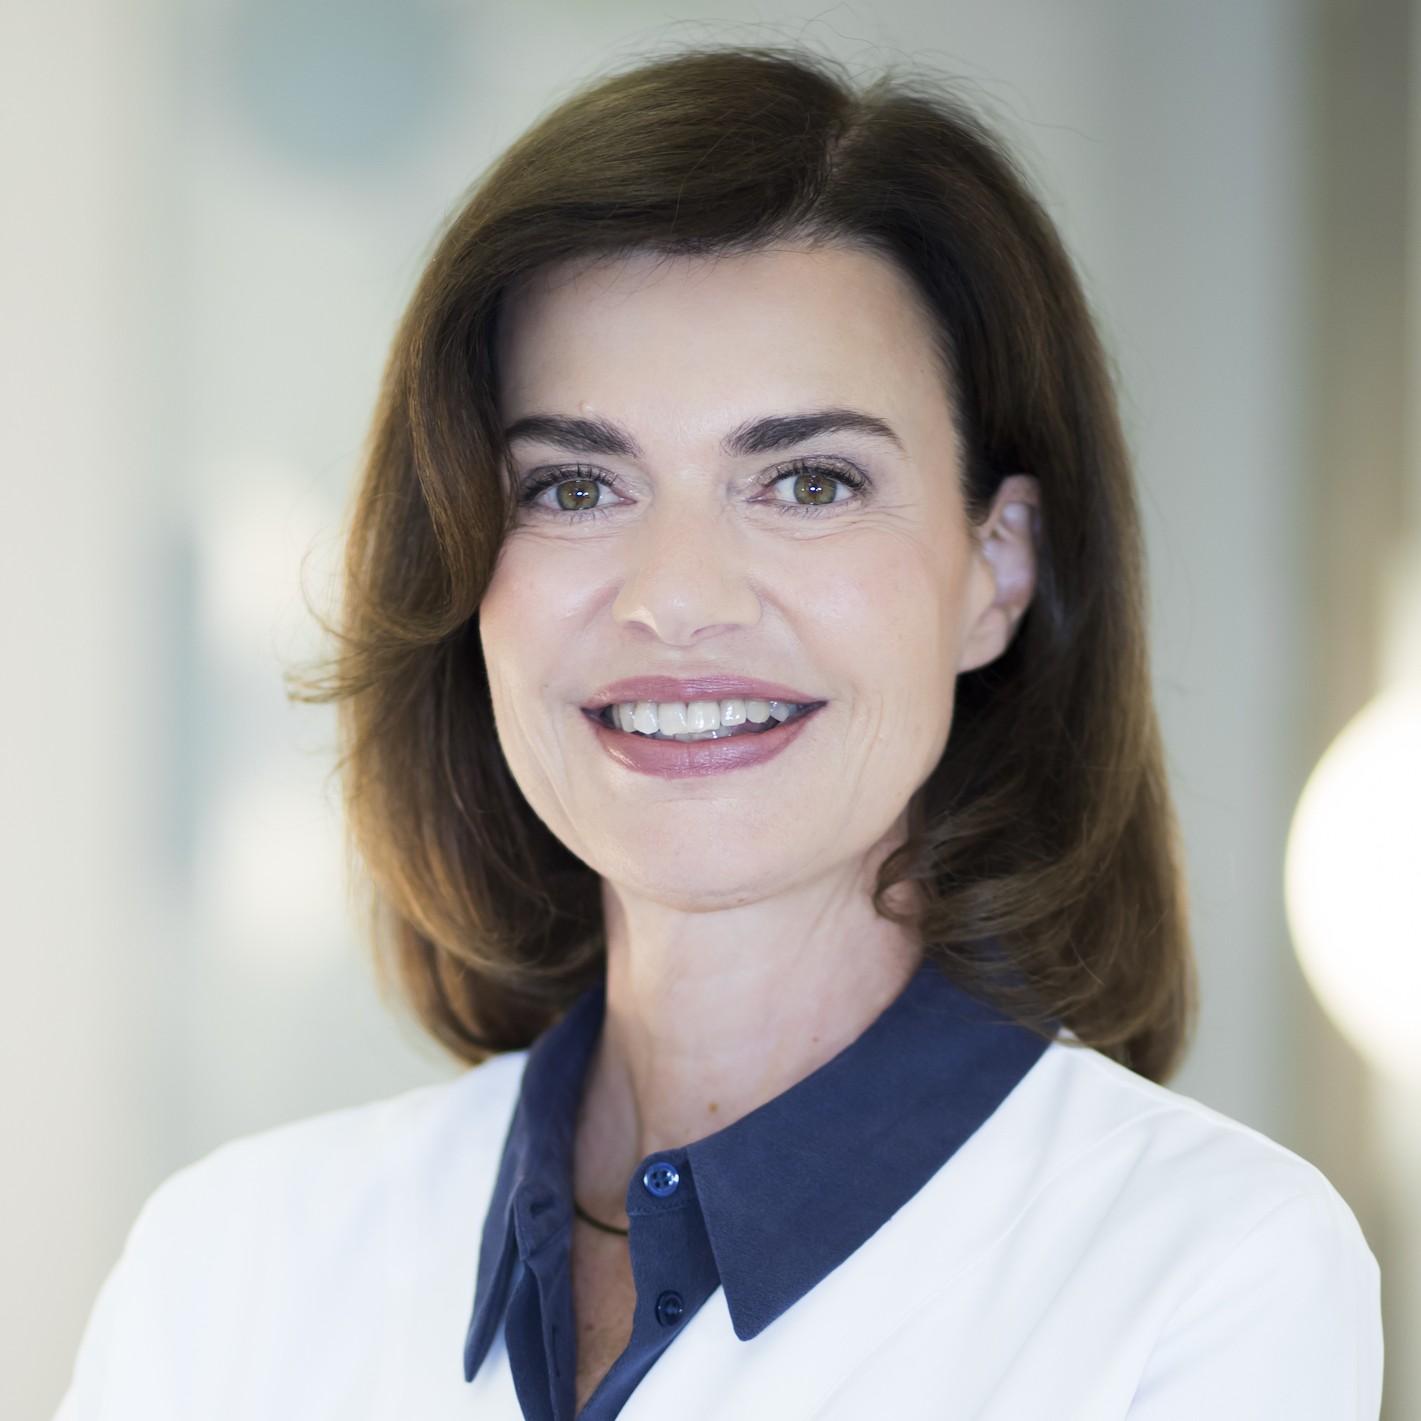 Dr. Sophie Menkes